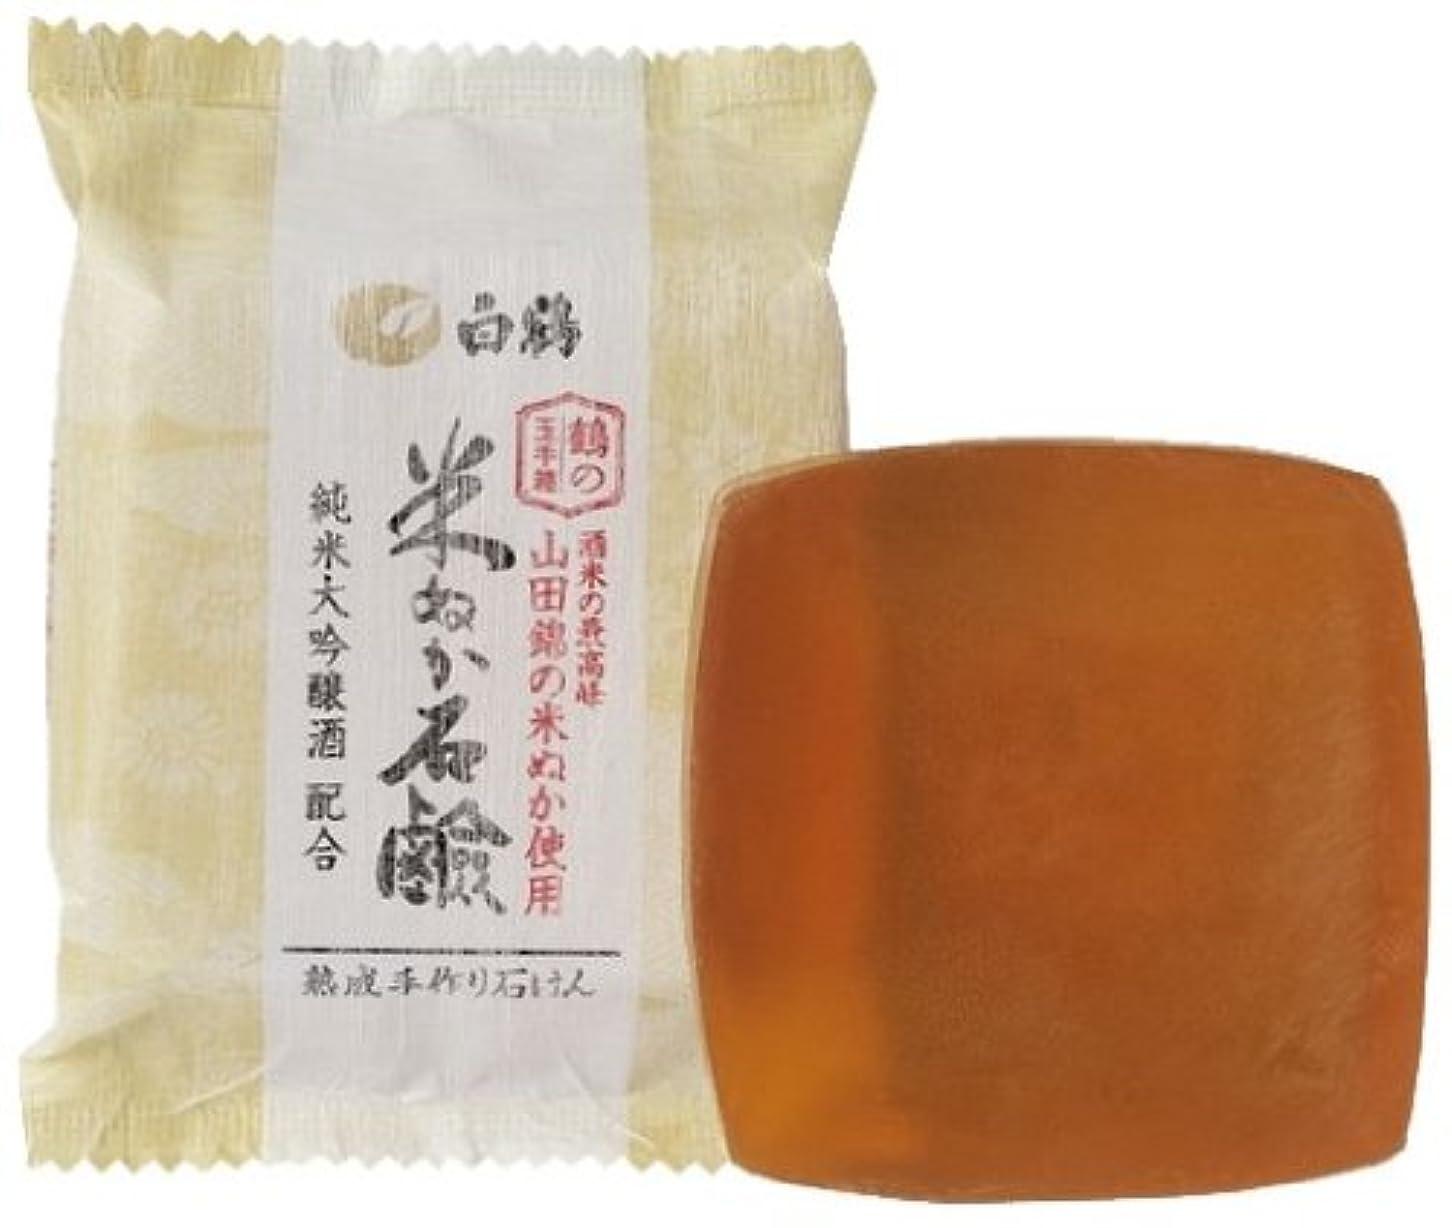 セントささいな忌み嫌う白鶴 鶴の玉手箱 米ぬか石けん 100g (全身用石鹸)